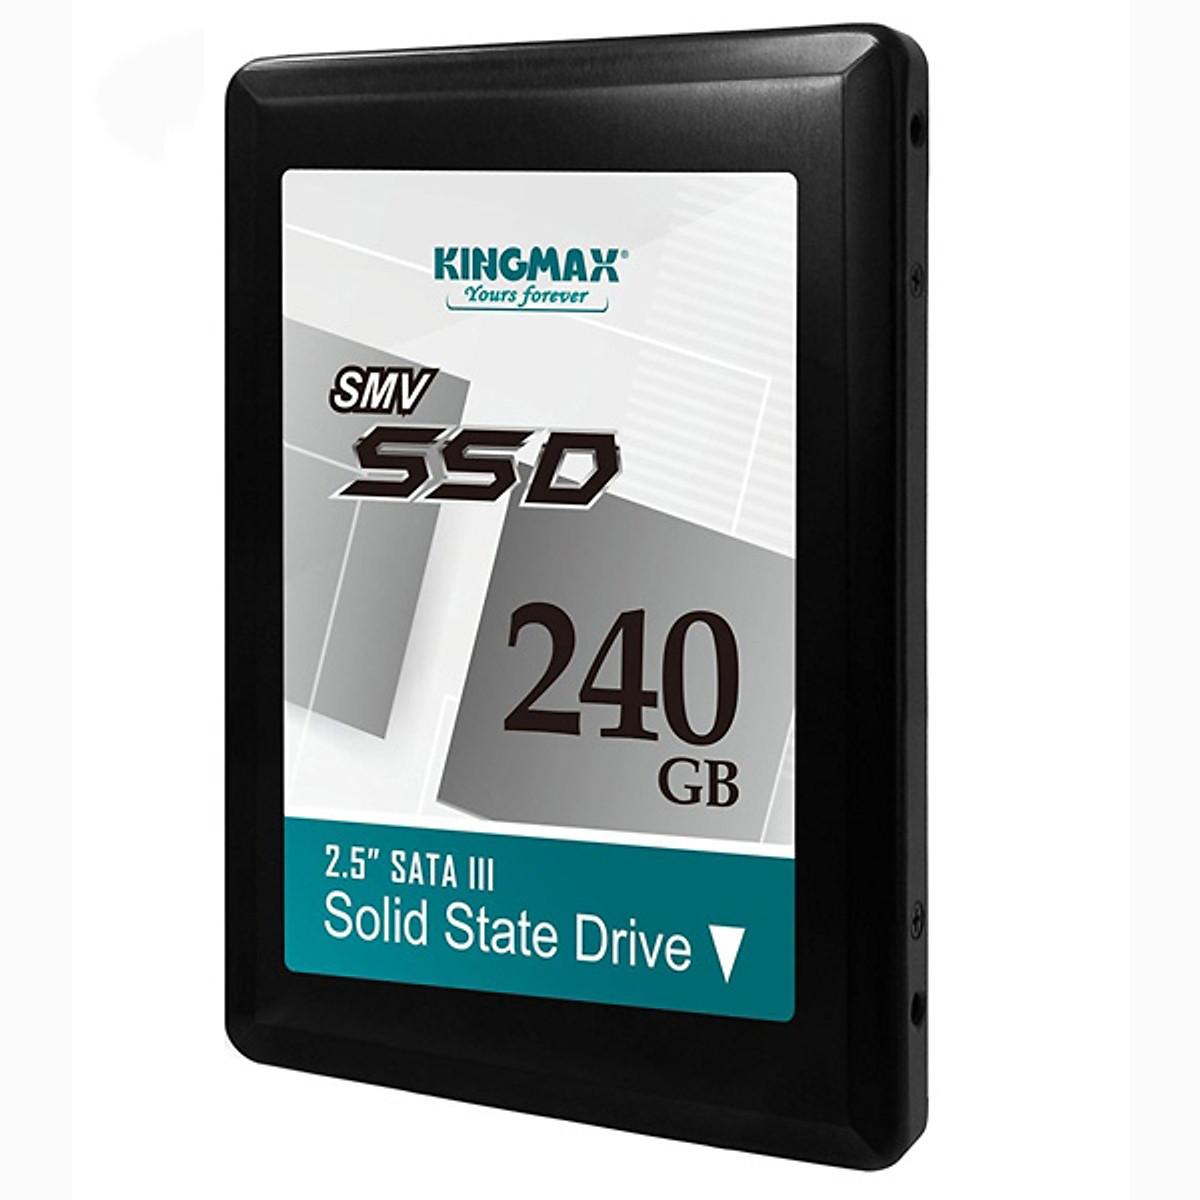 Ổ Cứng SSD Kingmax 240GB Sata III 2.5Inch SMV32 – Hàng Chính Hãng